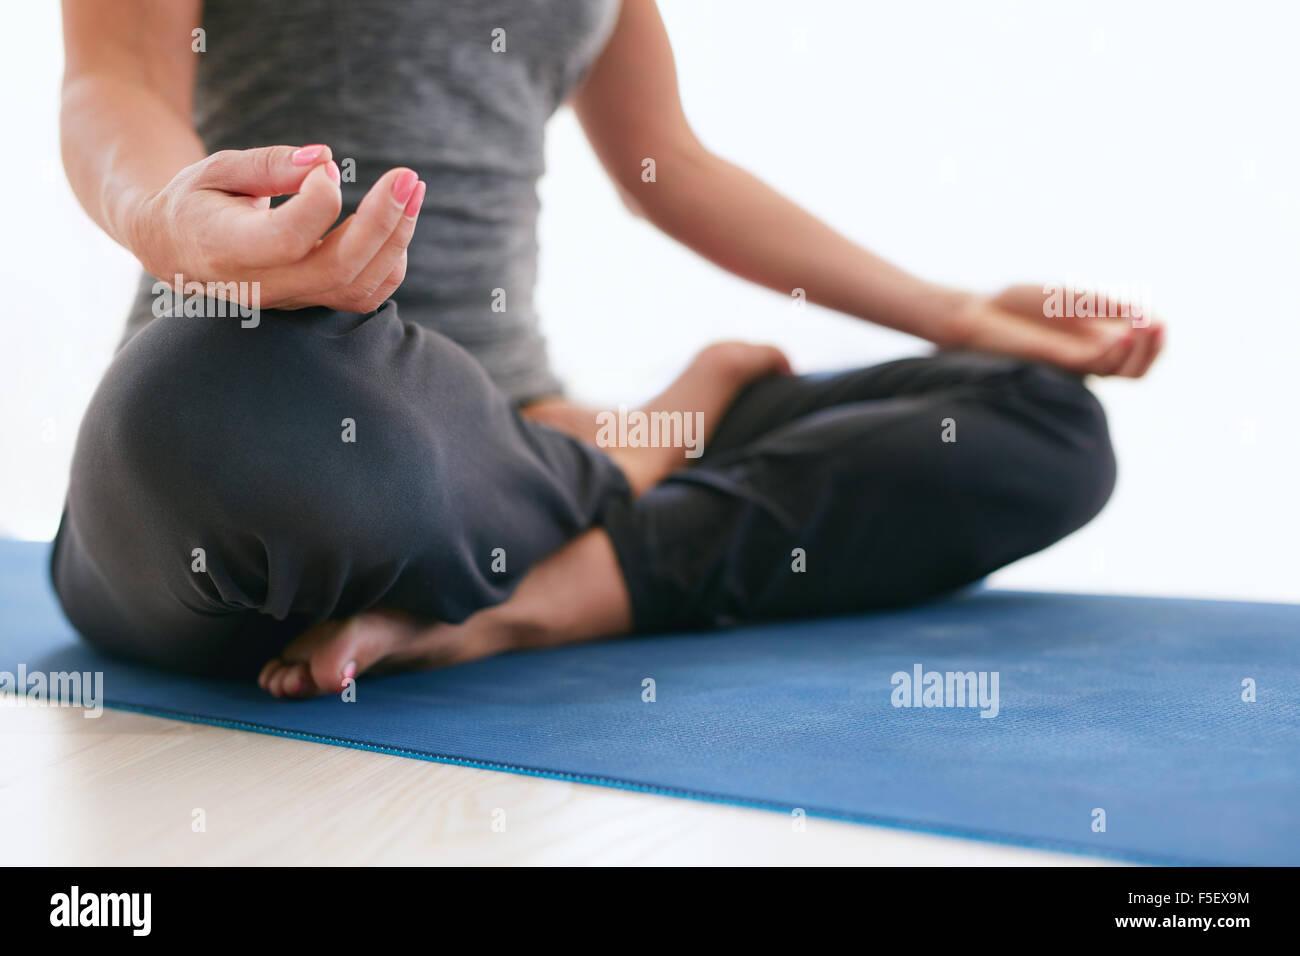 Cierre de sesión hembra piernas cruzadas y las manos en las rodillas durante la meditación. Mujer sentada Imagen De Stock